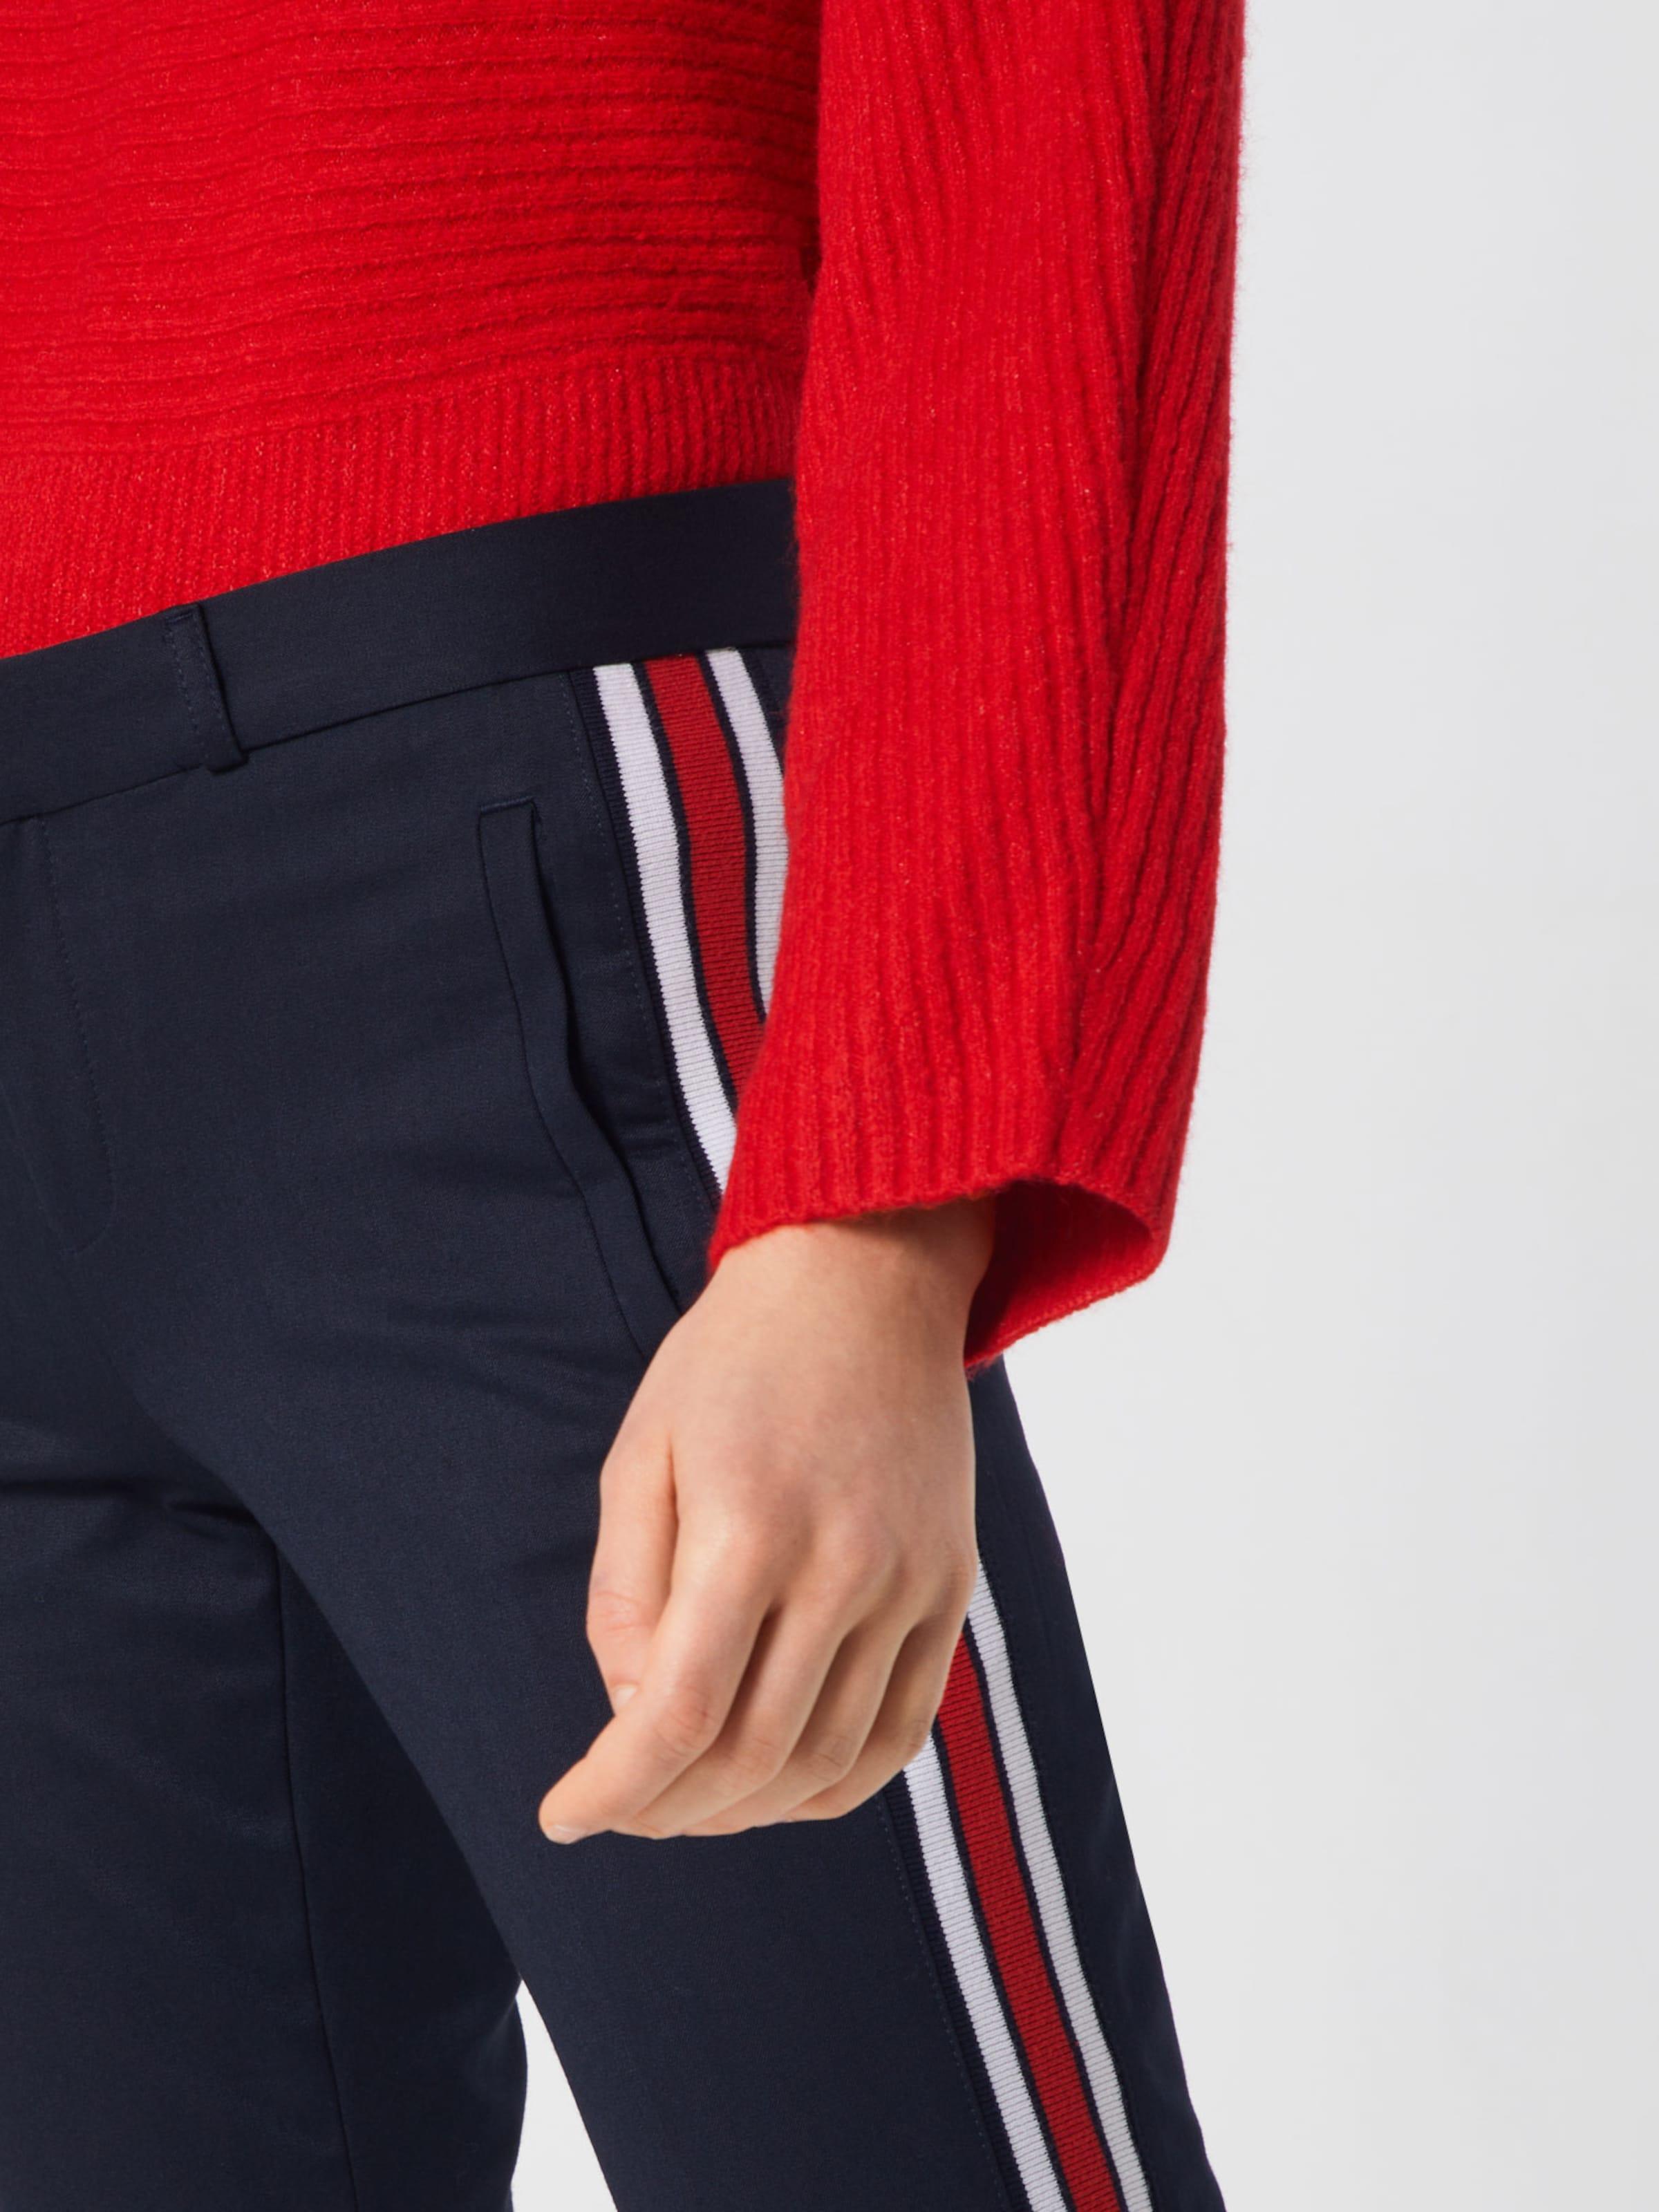 Banana Pant' MarineBlanc Multi Bleu Pantalon 'avery En Republic Stripe Yfgv76by